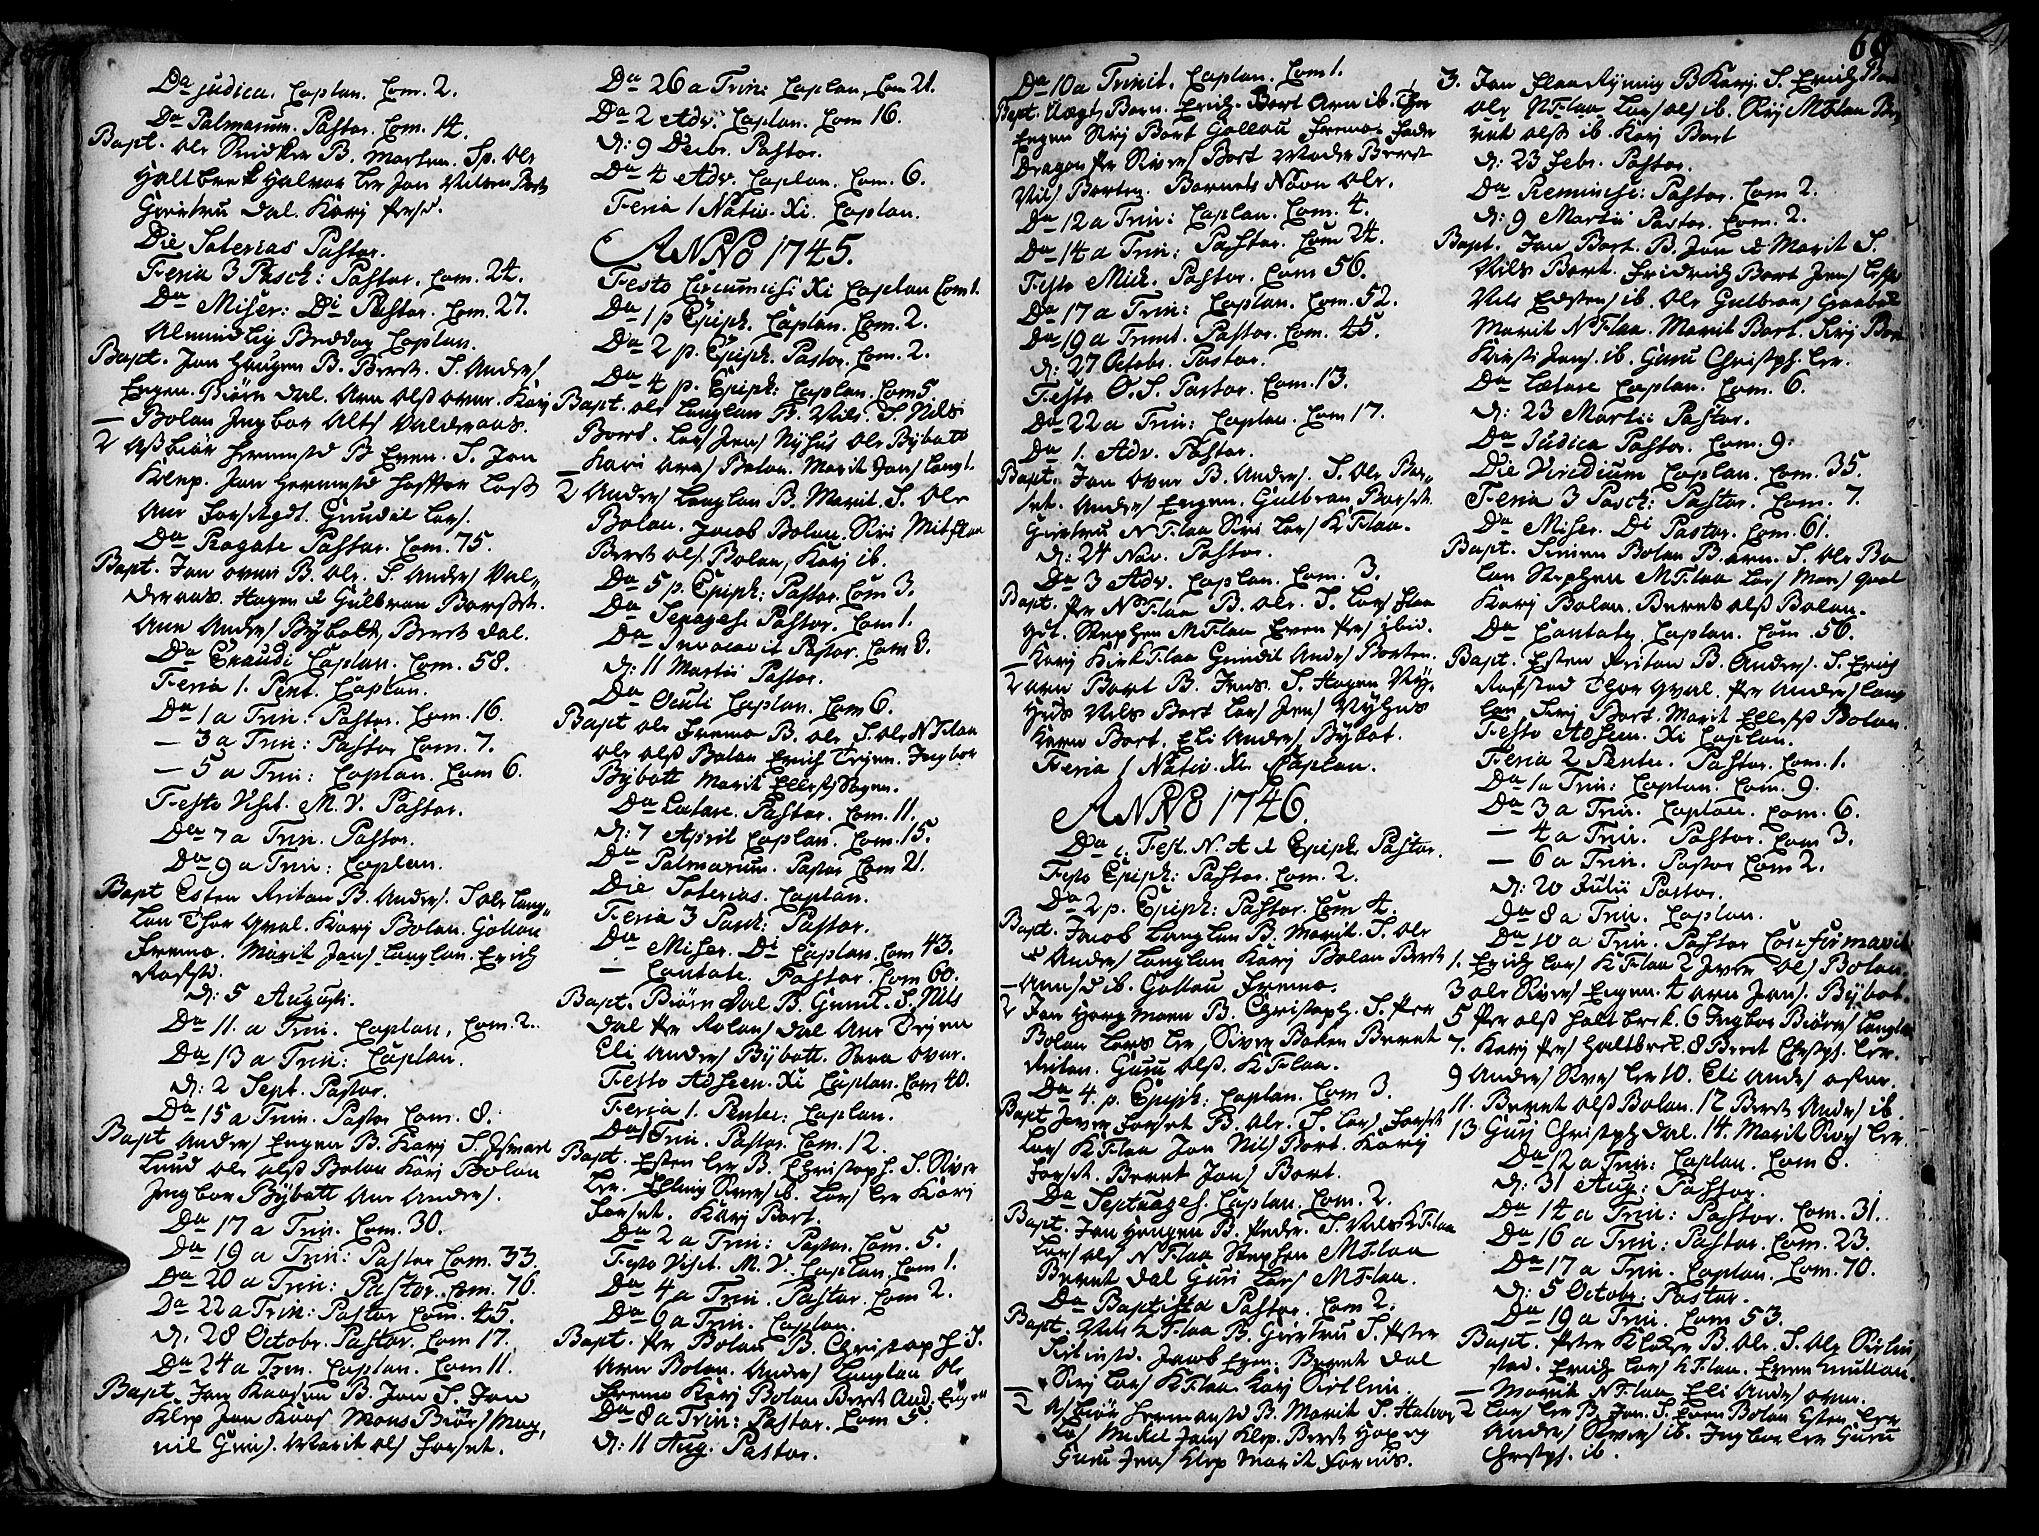 SAT, Ministerialprotokoller, klokkerbøker og fødselsregistre - Sør-Trøndelag, 691/L1058: Ministerialbok nr. 691A01 /2, 1740-1767, s. 68